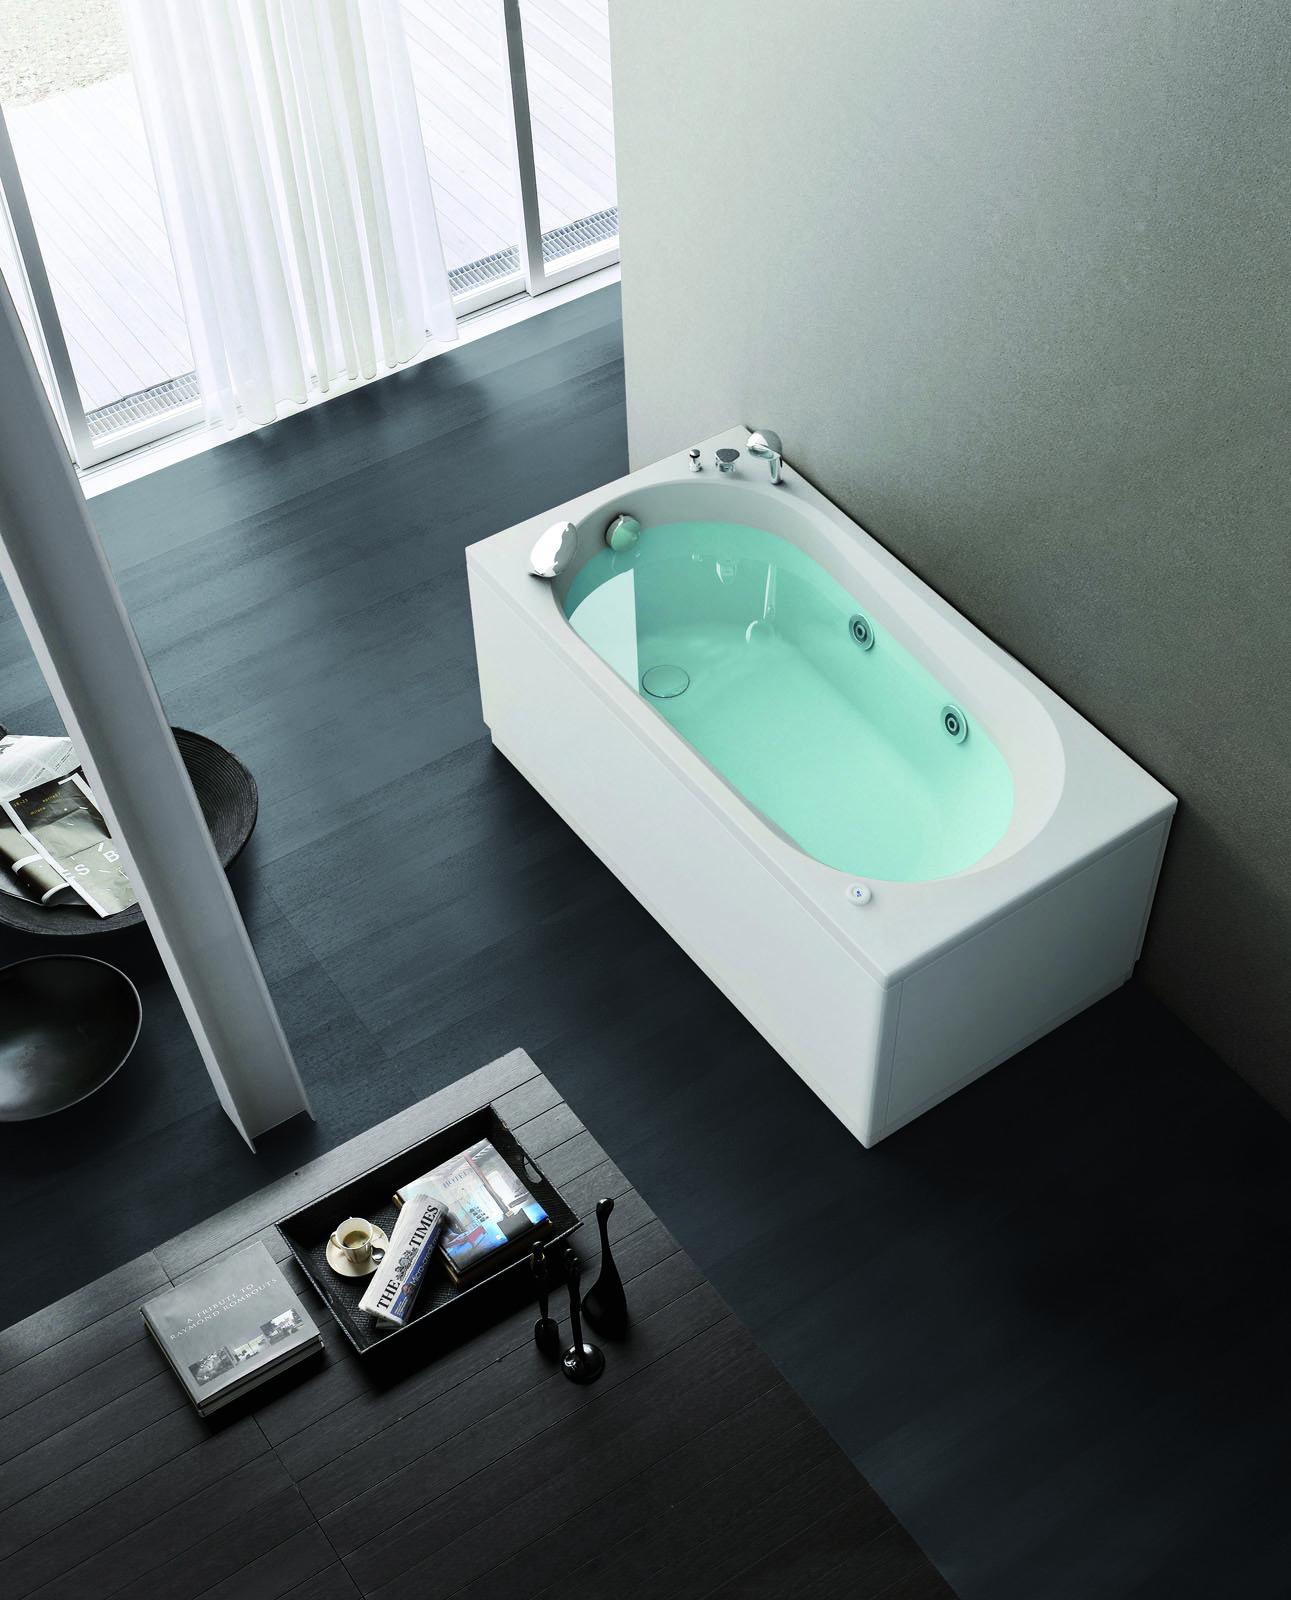 Vasca da bagno 140 cm boiserie in ceramica per bagno - Vasca da bagno altezza ...